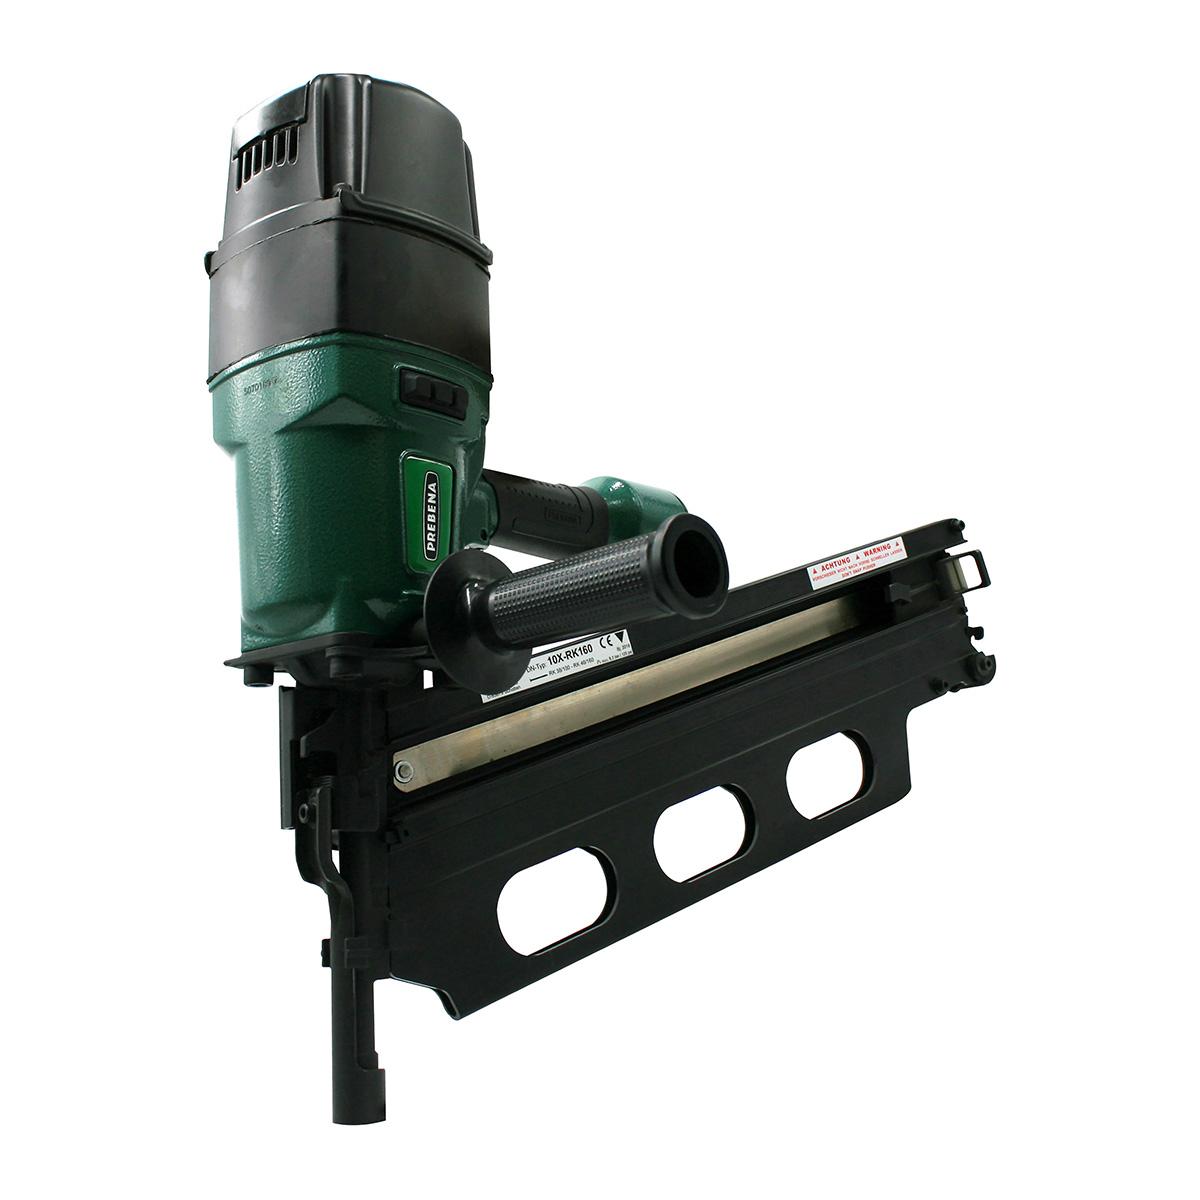 10X-RK160 Druckluft-Streifennagler